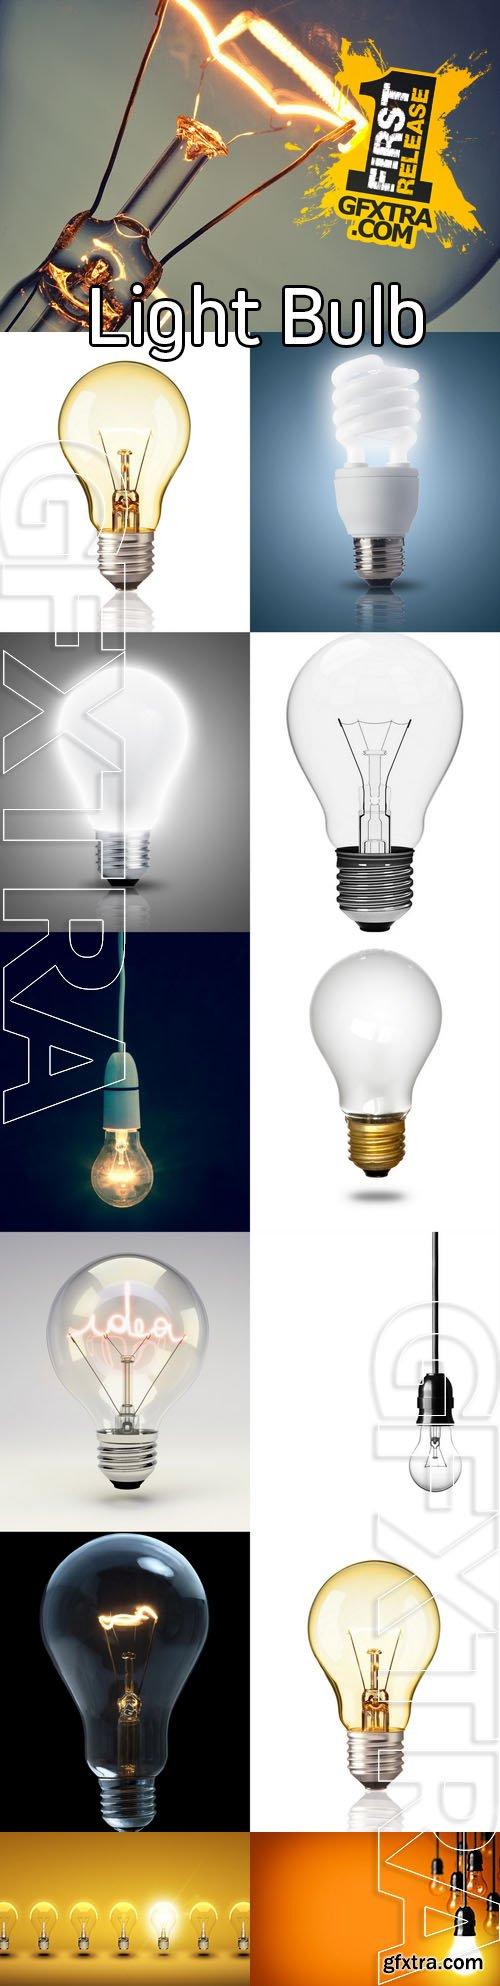 Stock Photos - Light Bulb